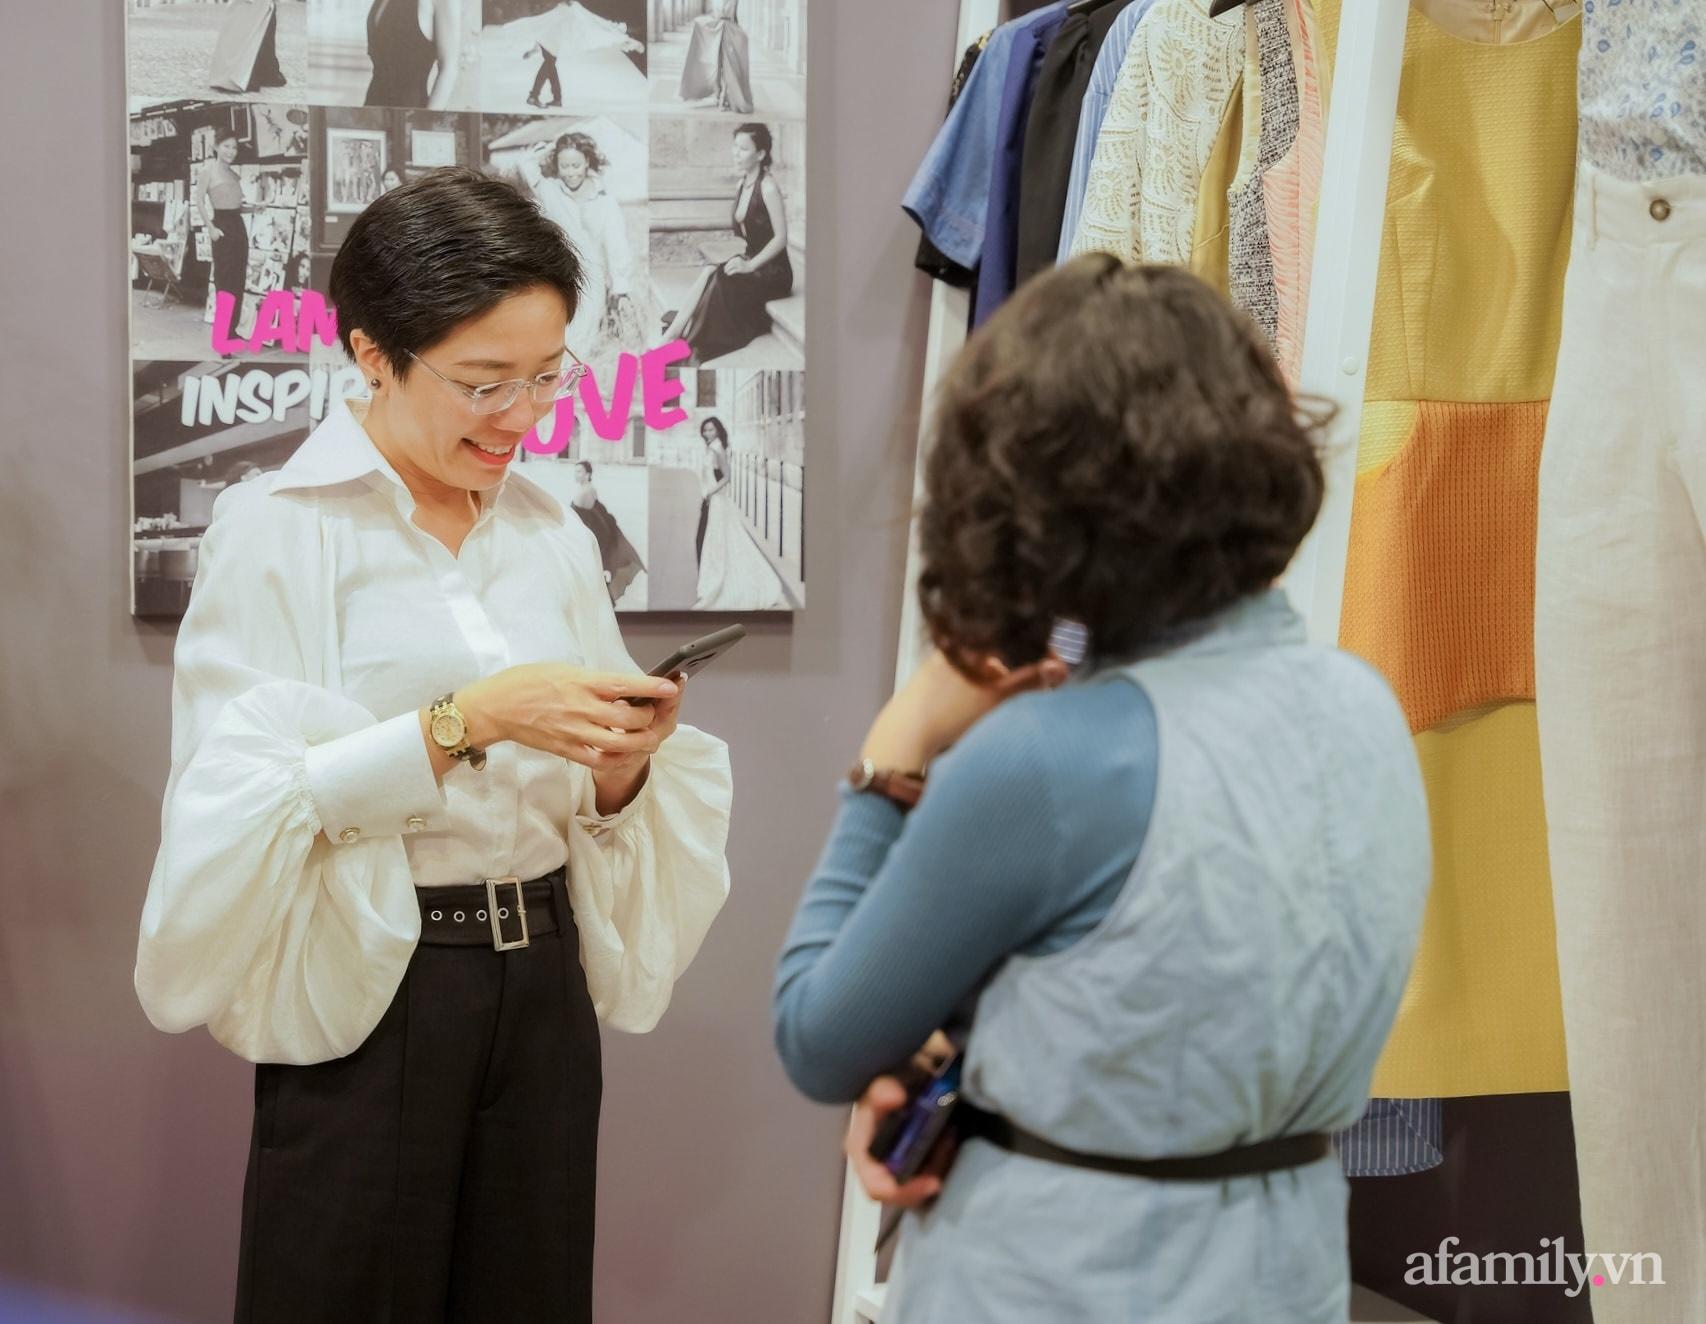 Lương khởi điểm 8 triệu, người phụ nữ sớm sở hữu 5 bất động sản ở Sài Gòn tiết lộ 6 bí kíp mua nhà thông thái ai cũng nên nắm trong lòng bàn tay - Ảnh 4.